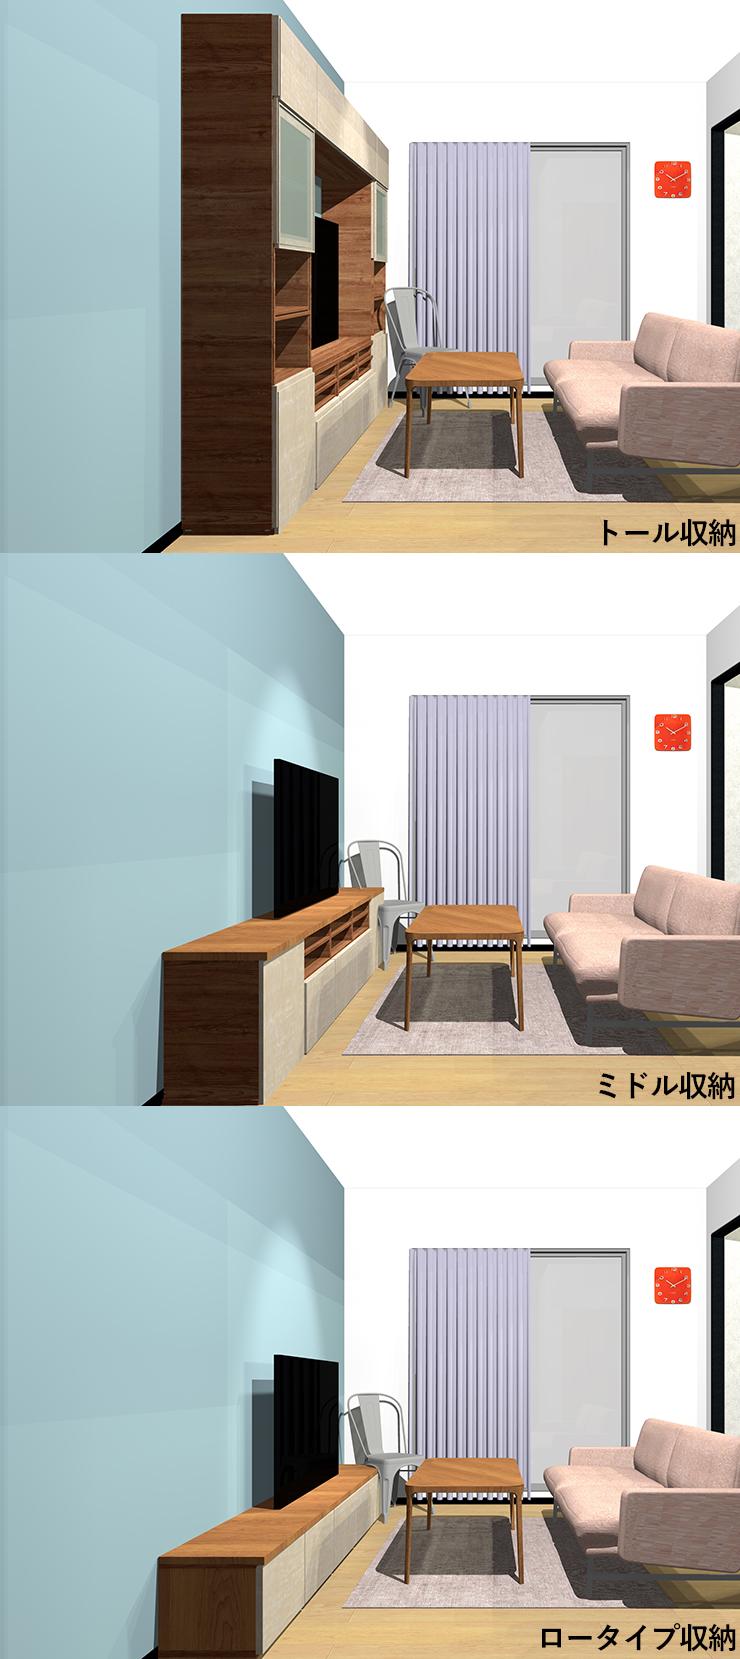 3つの高さ別リビング収納家具